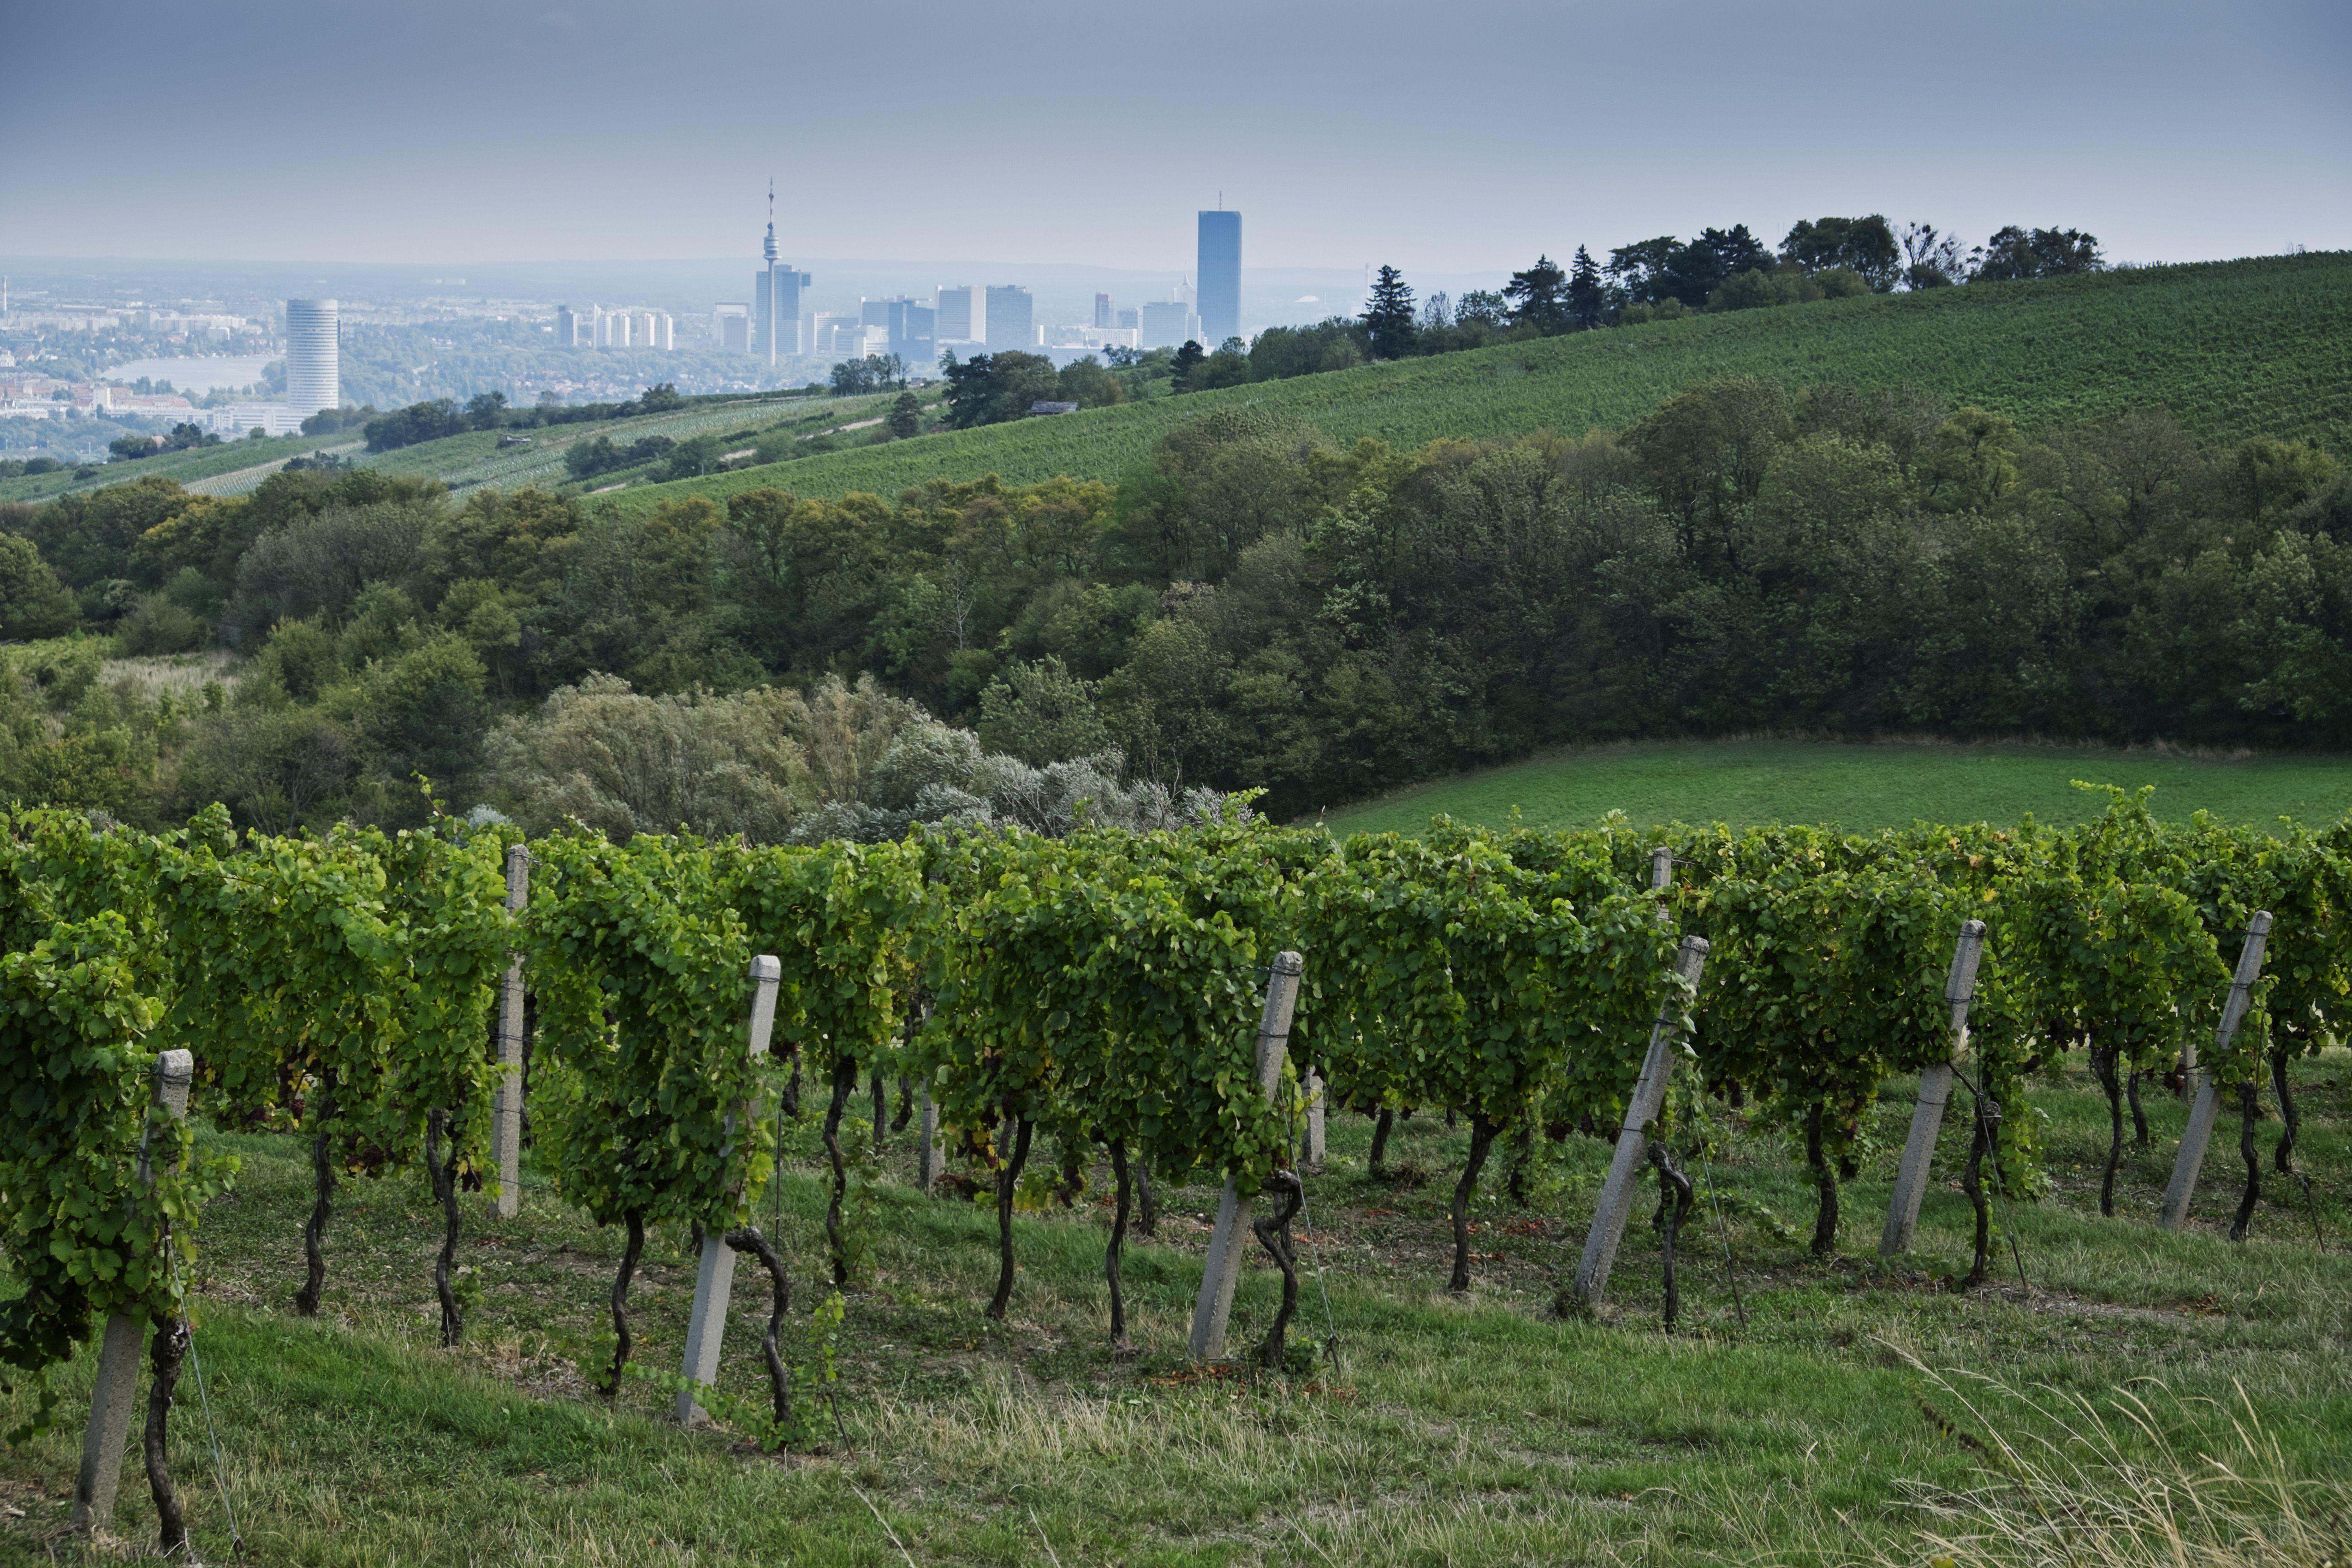 Vineyard with City in the Background near Grinzing, Vienna, Austria